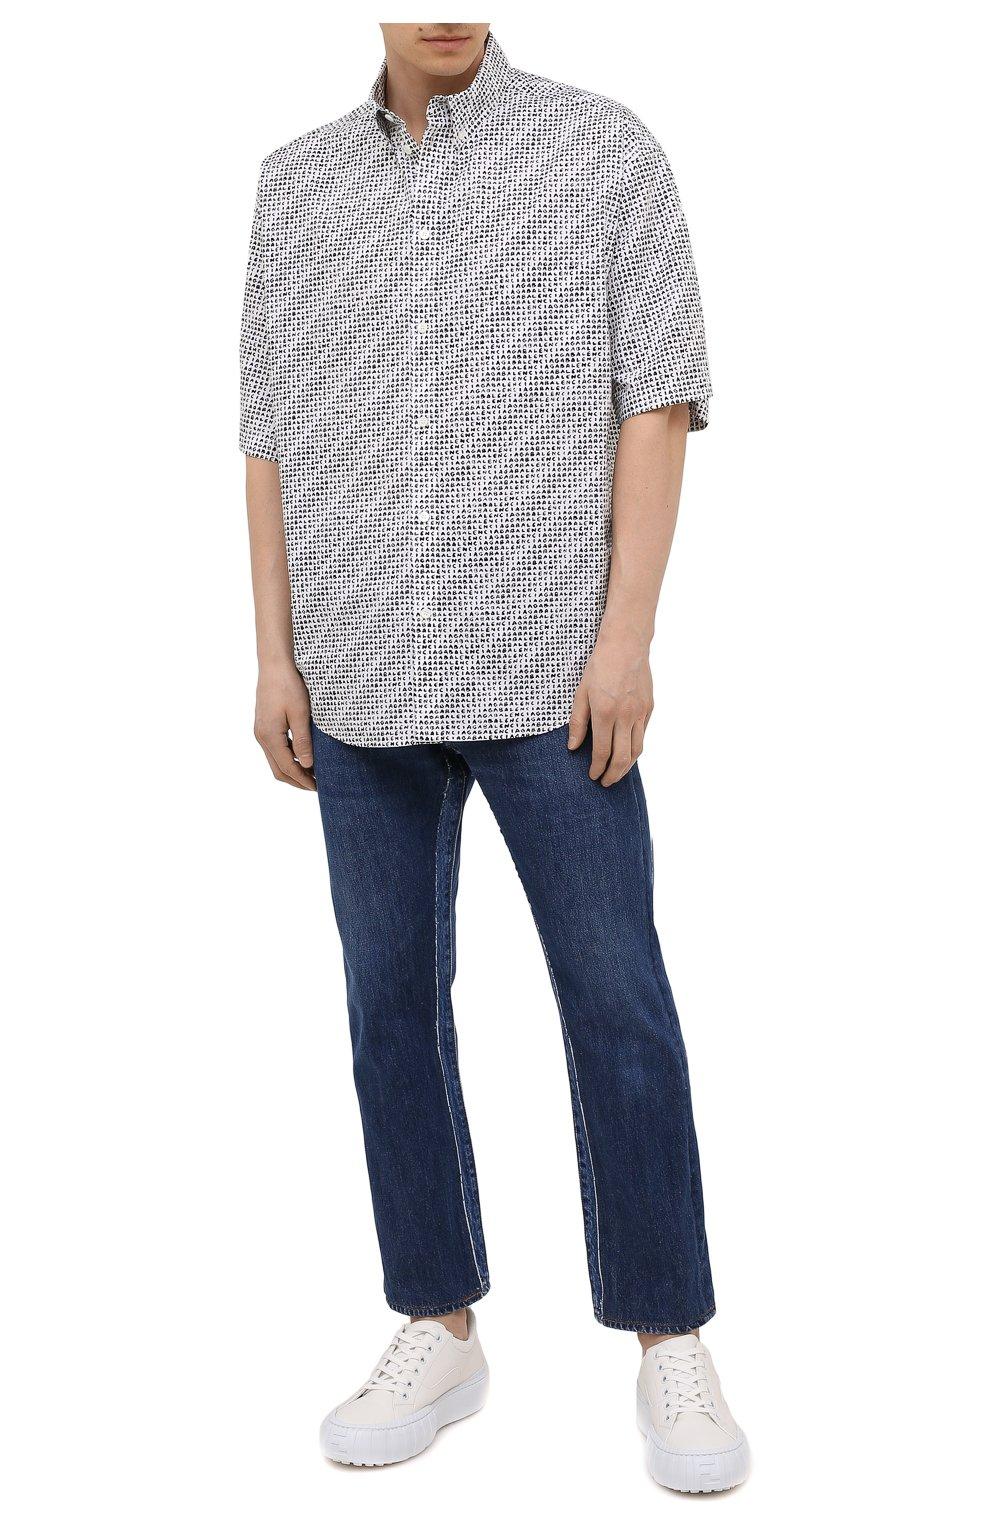 Мужская хлопковая рубашка BALENCIAGA черно-белого цвета, арт. 647354/TKL40 | Фото 2 (Воротник: Button down; Рукава: Короткие; Случай: Повседневный; Длина (для топов): Стандартные; Стили: Гранж; Принт: С принтом; Материал внешний: Хлопок)